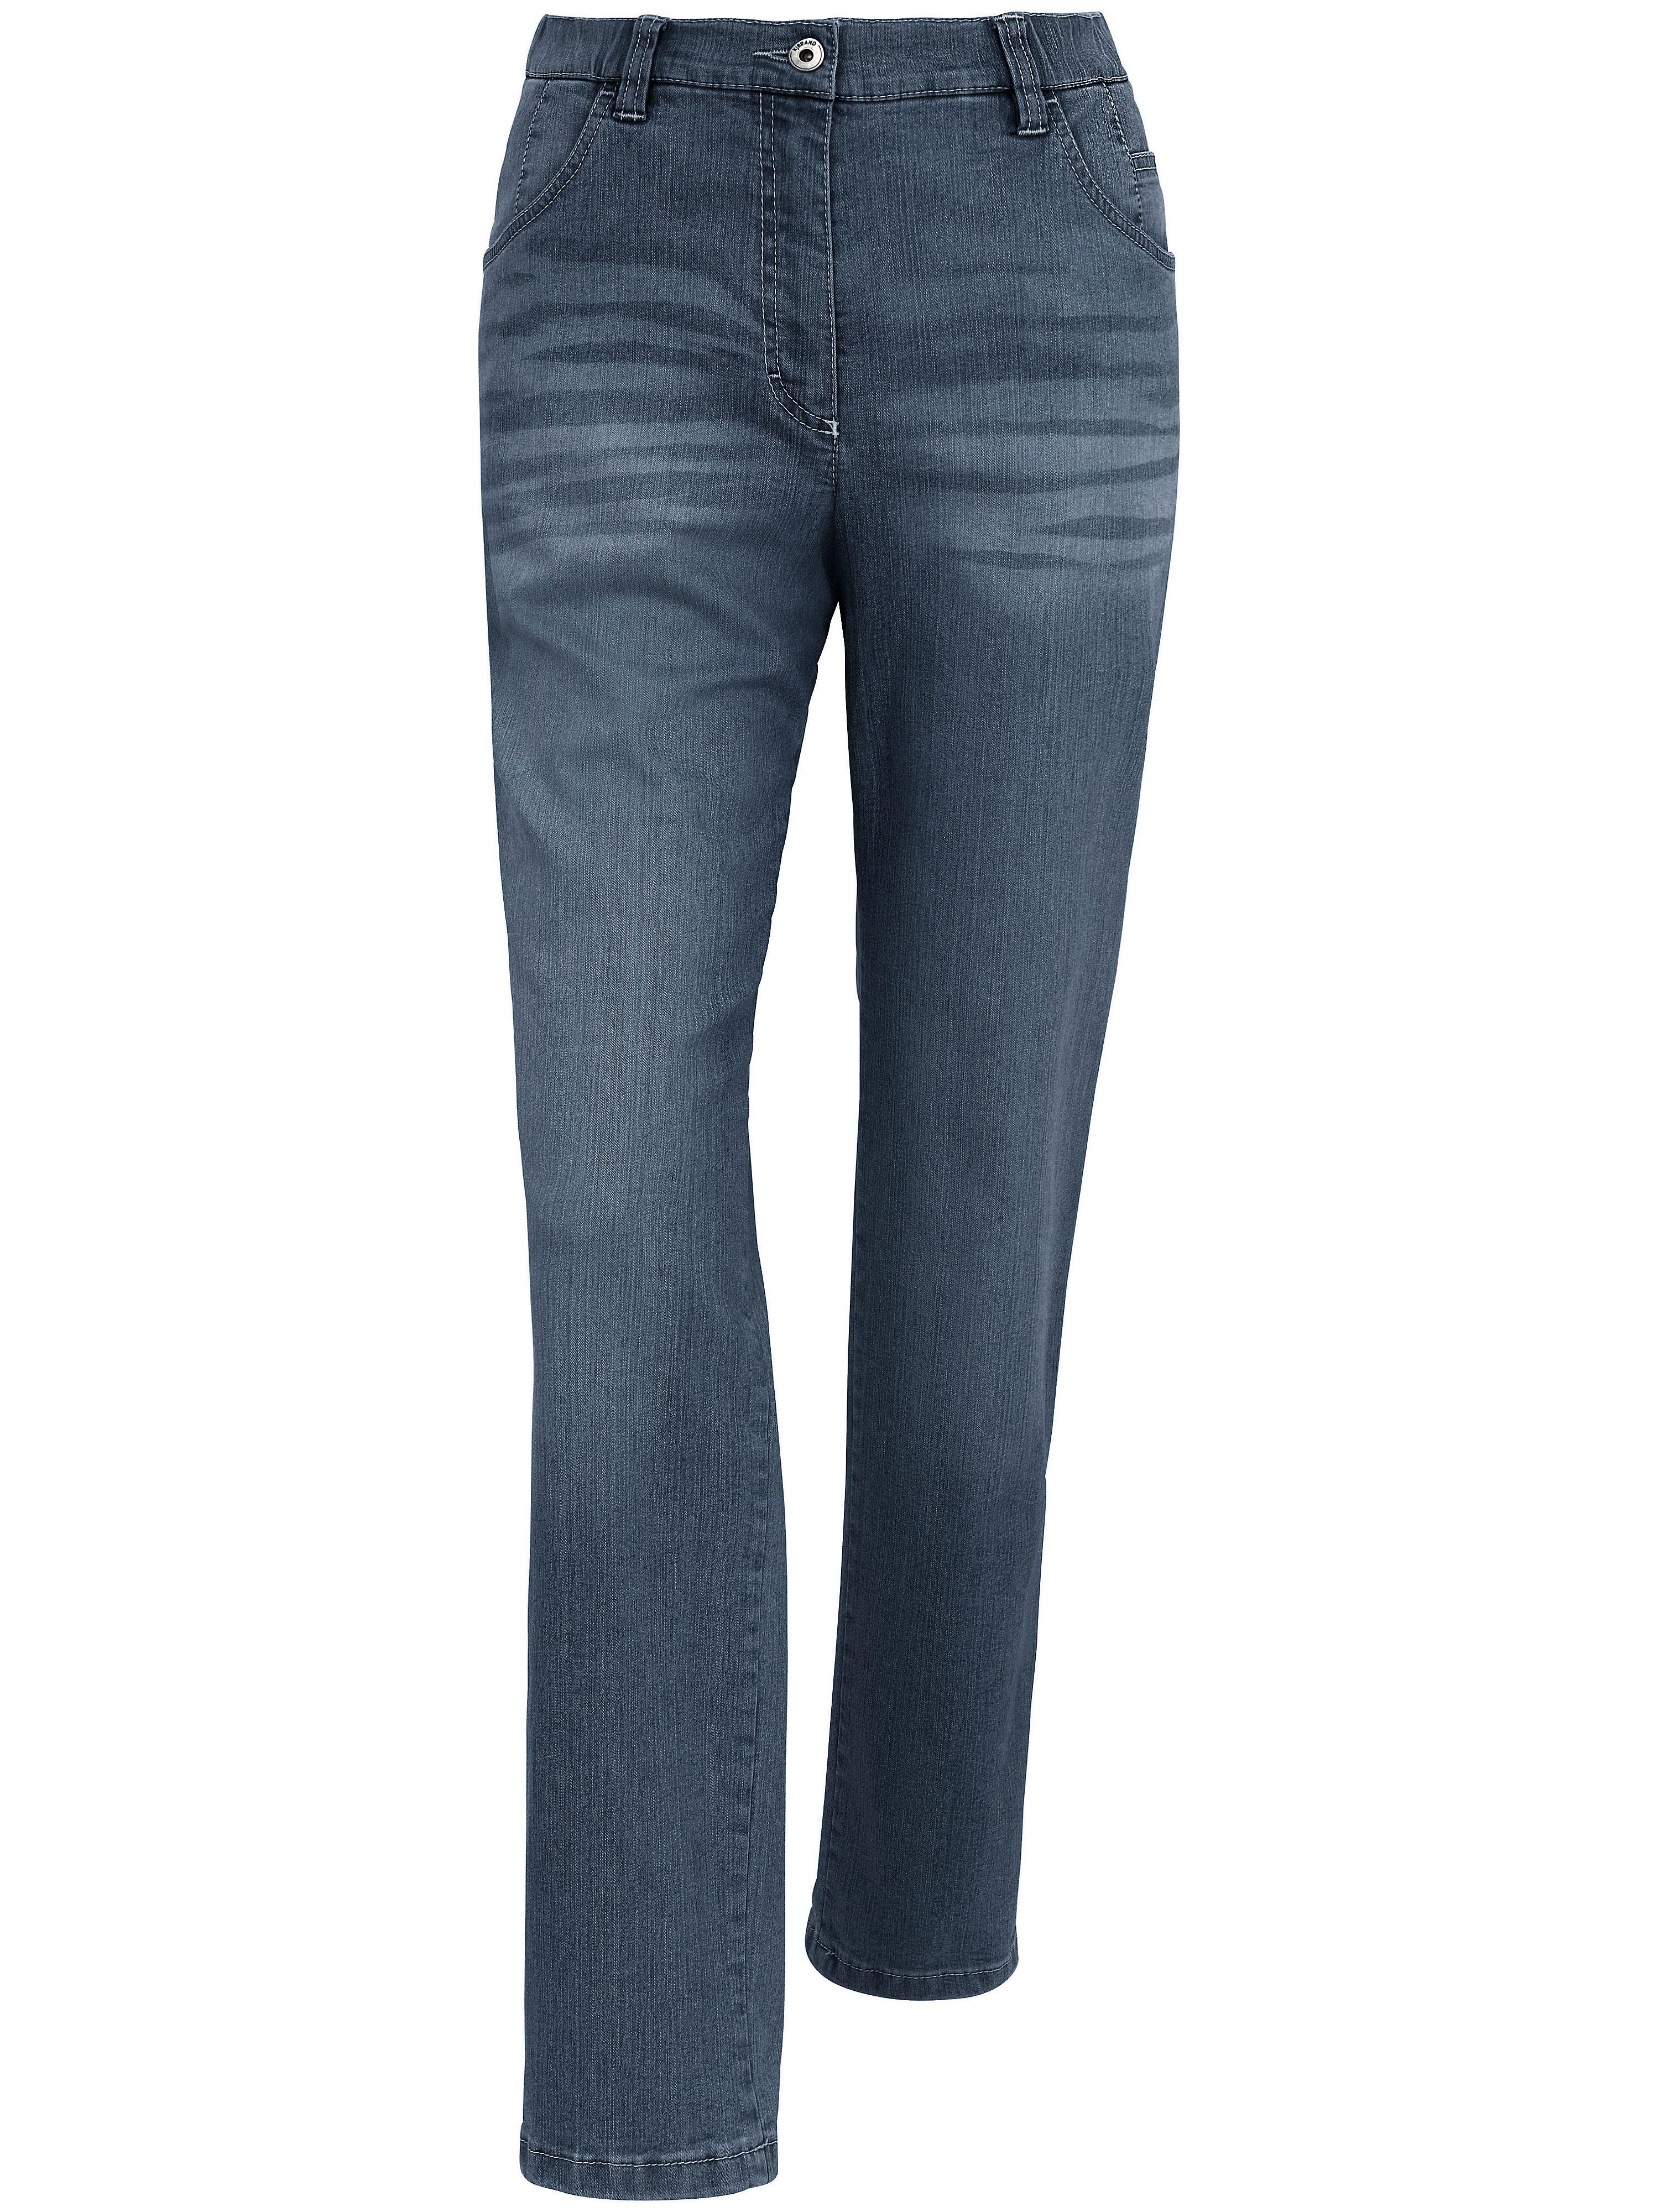 Jeans - model BETTY CS Van KjBrand blauw